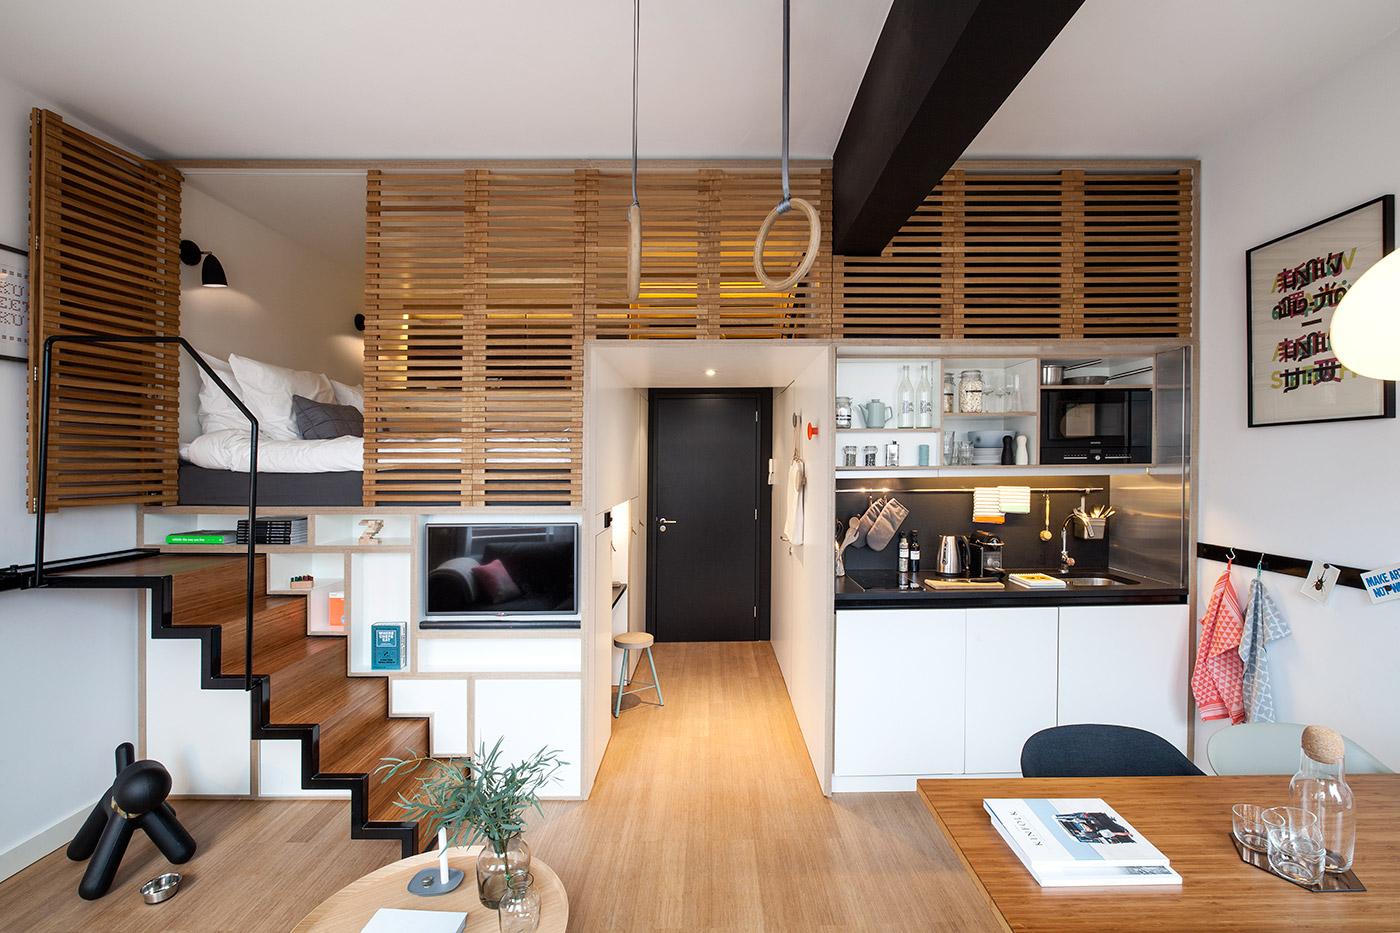 Zocu, un nuevo concepto de alojamiento